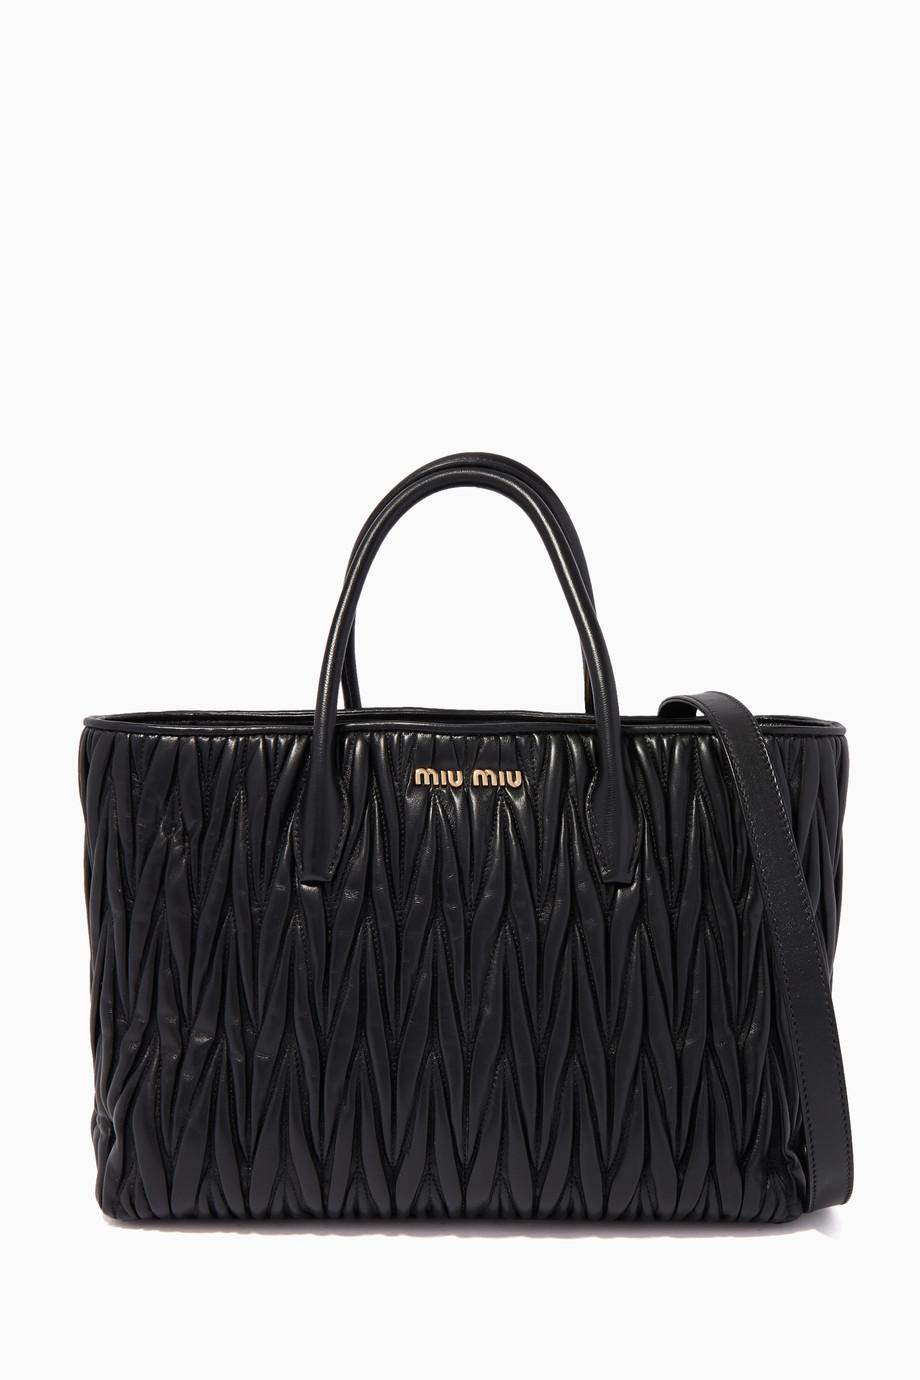 c3993125b9 Shop Miu Miu Black Matelasse Medium Nappa Leather Tote Bag for Women ...